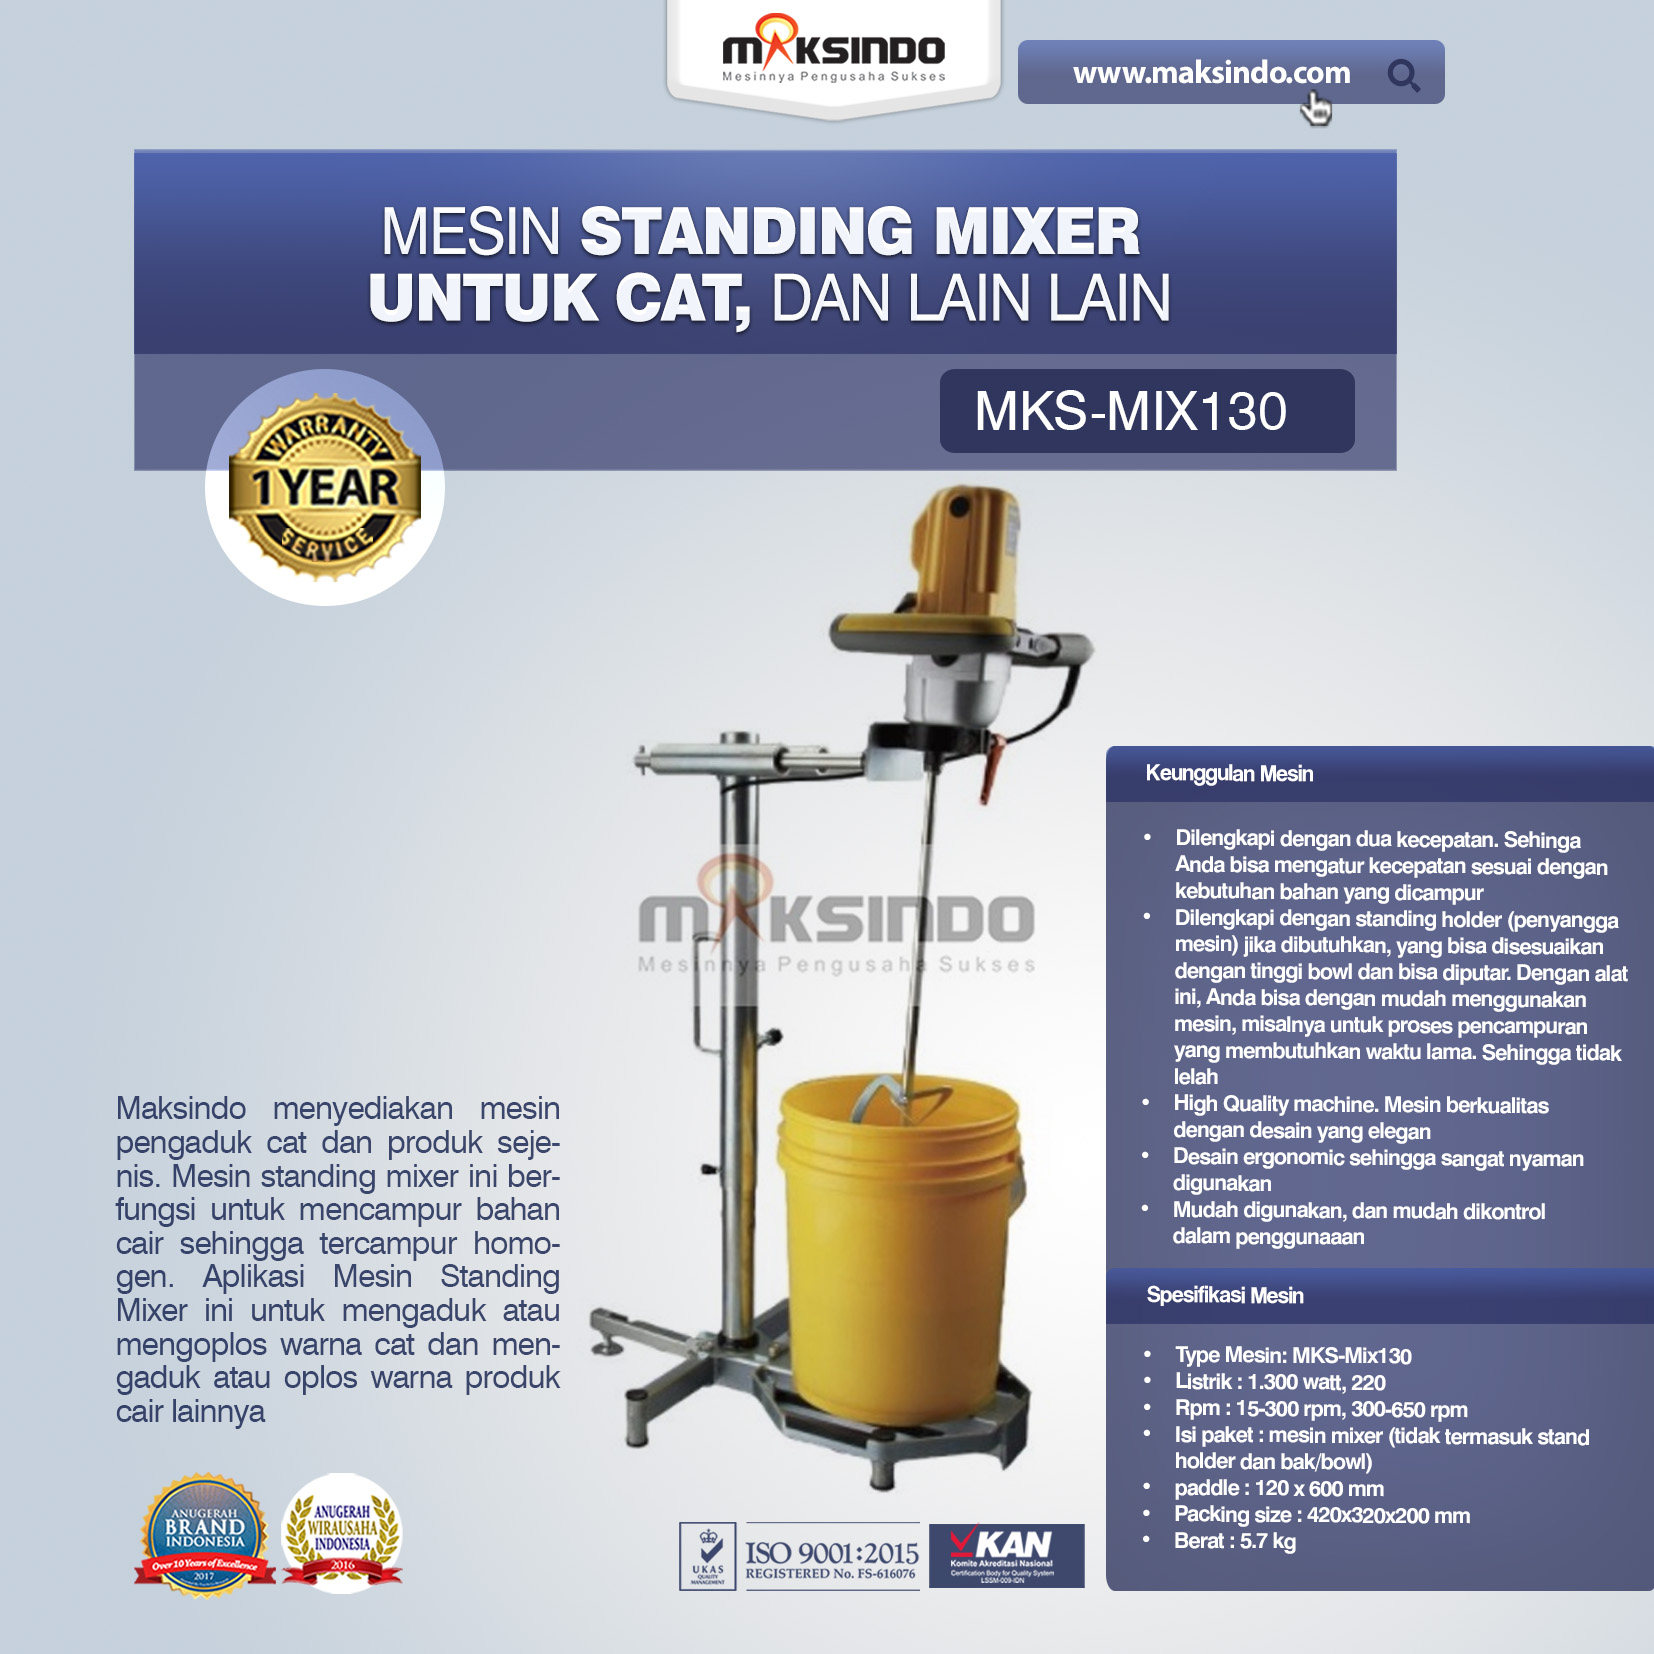 Jual Mesin Standing Mixer Untuk Cat, Dll di Blitar